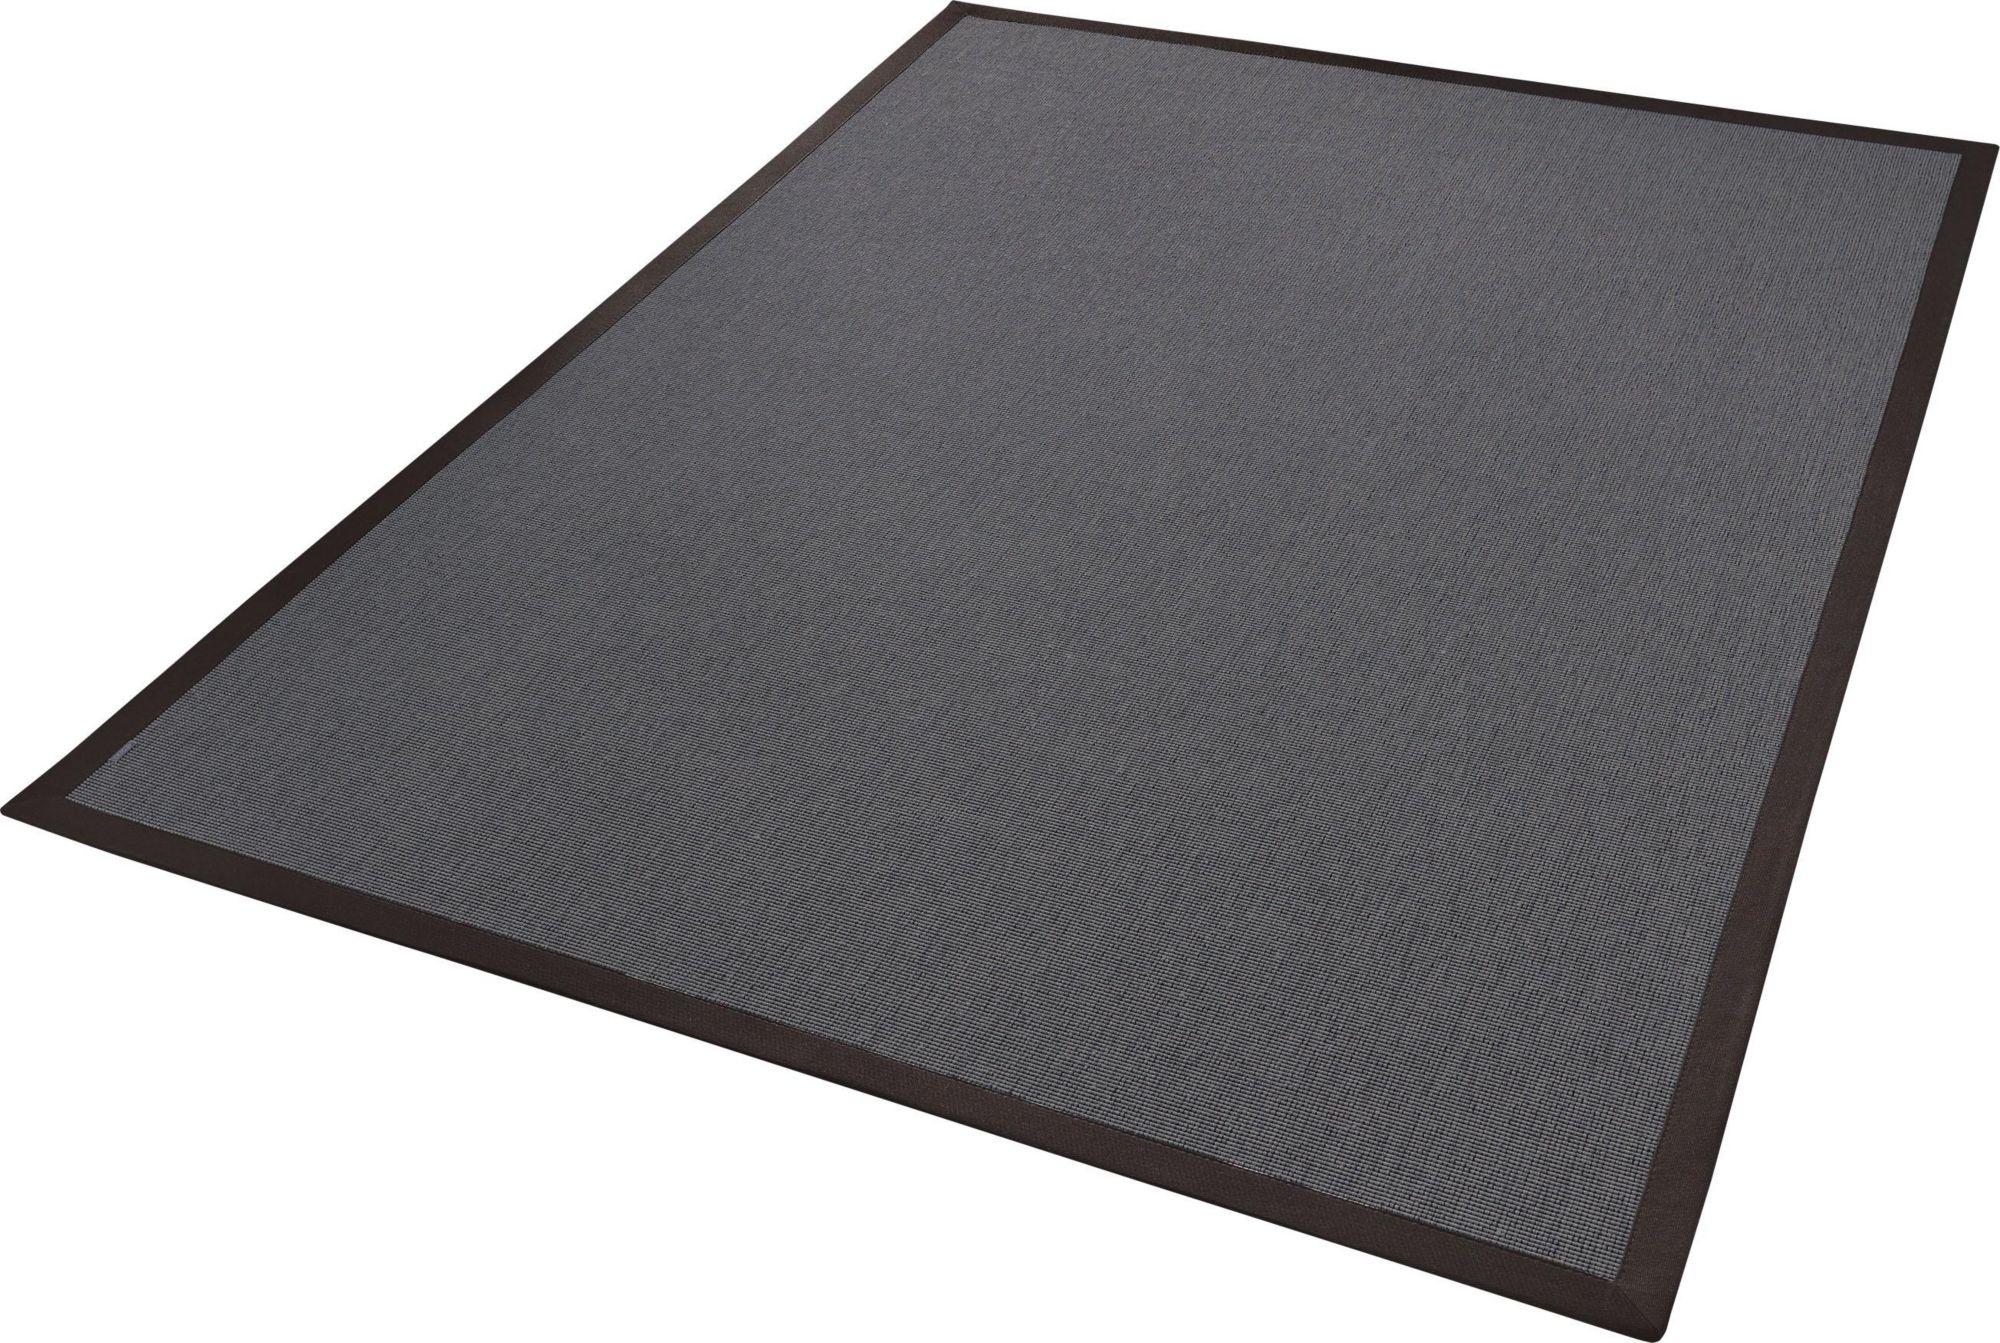 DEKOWE Teppich, »Naturana Rips«, Dekowe, rechteckig, Höhe 8 mm, maschinell gewebt